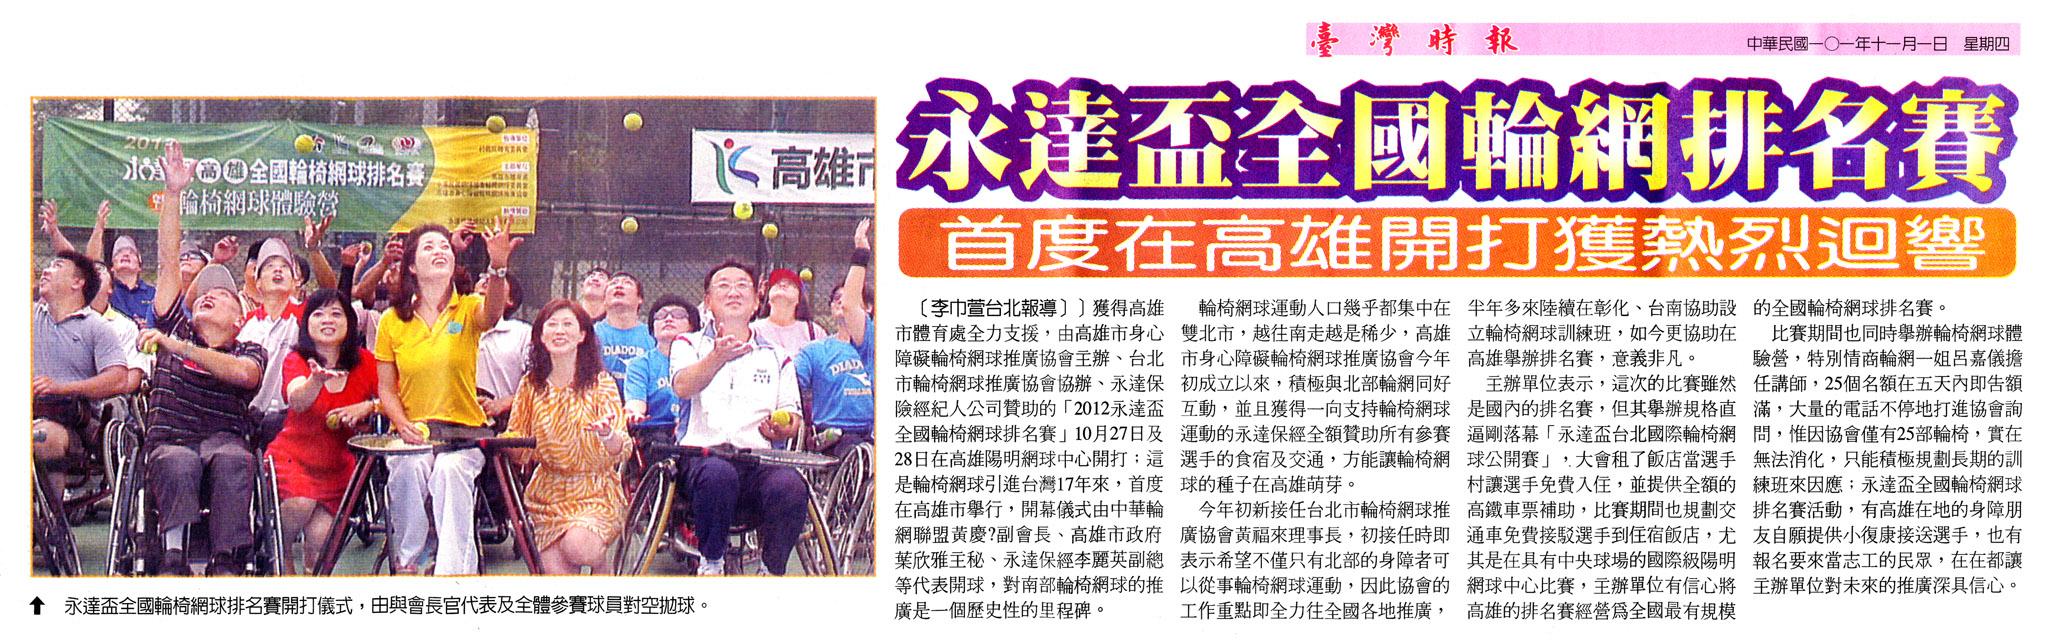 永達盃全國輪椅排名賽 首度在高雄開打獲得熱烈迴響圖檔